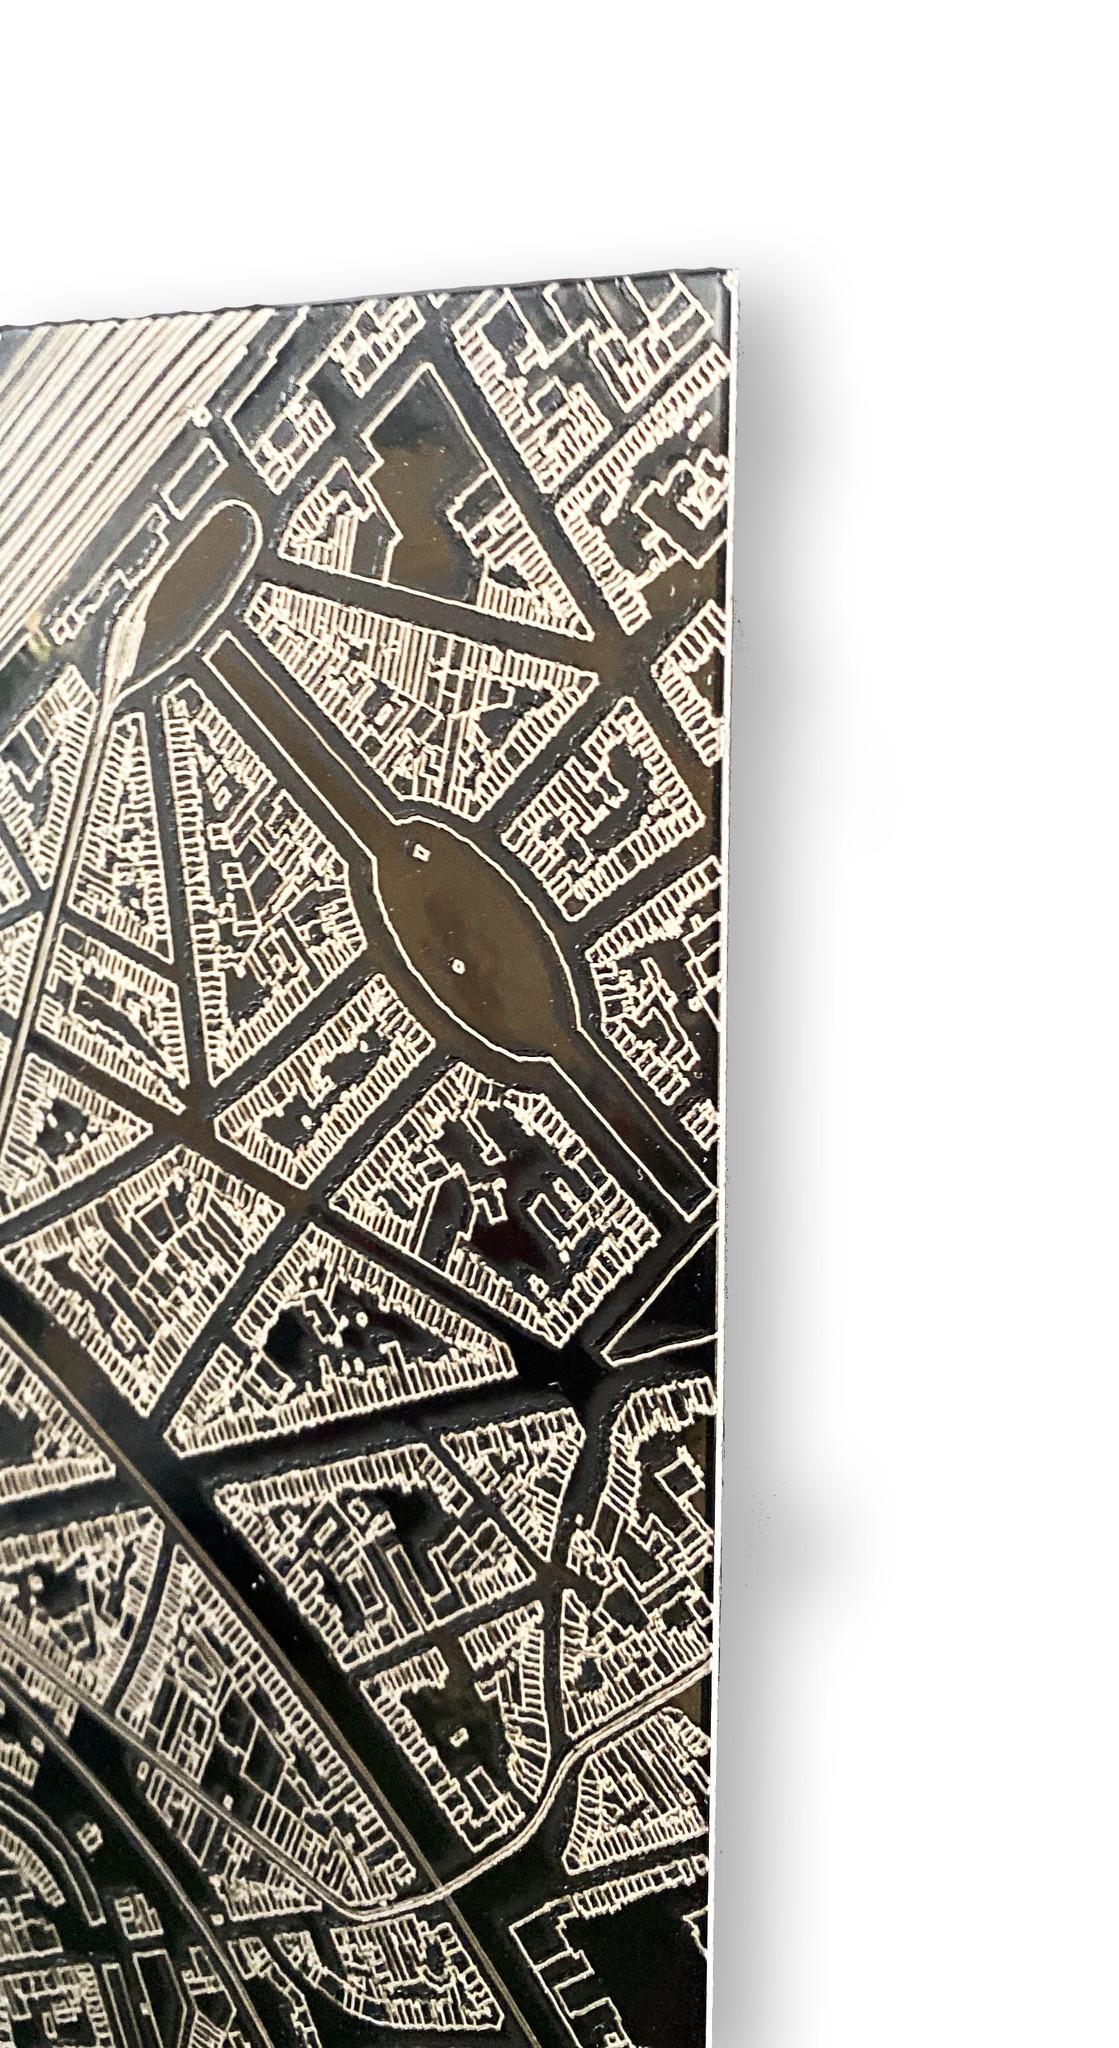 Stadtkarte Vaassen | Aluminium Wanddekoration-6